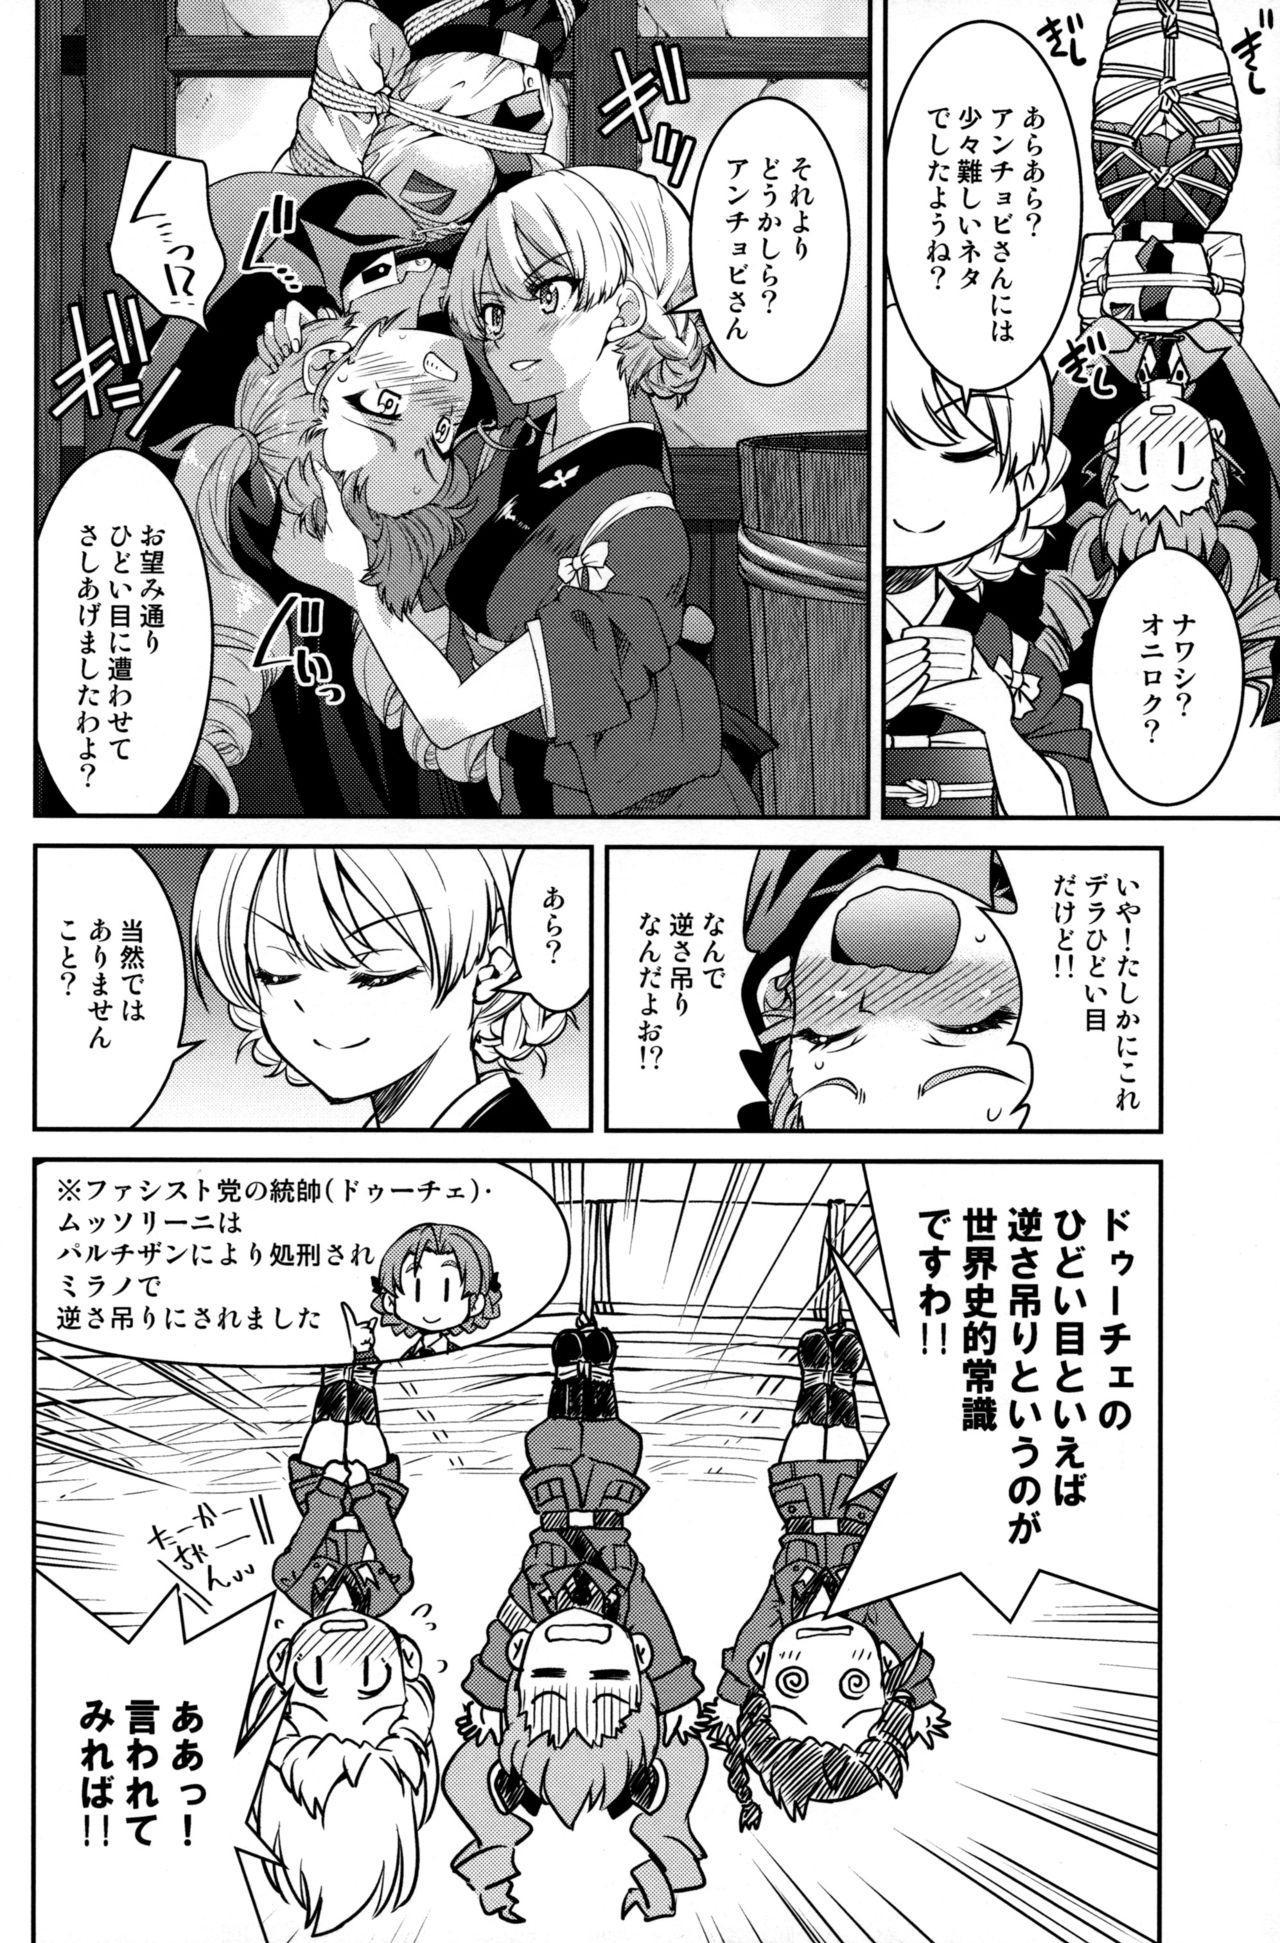 Nawashi Dar-sama Duce o Duce suru 8